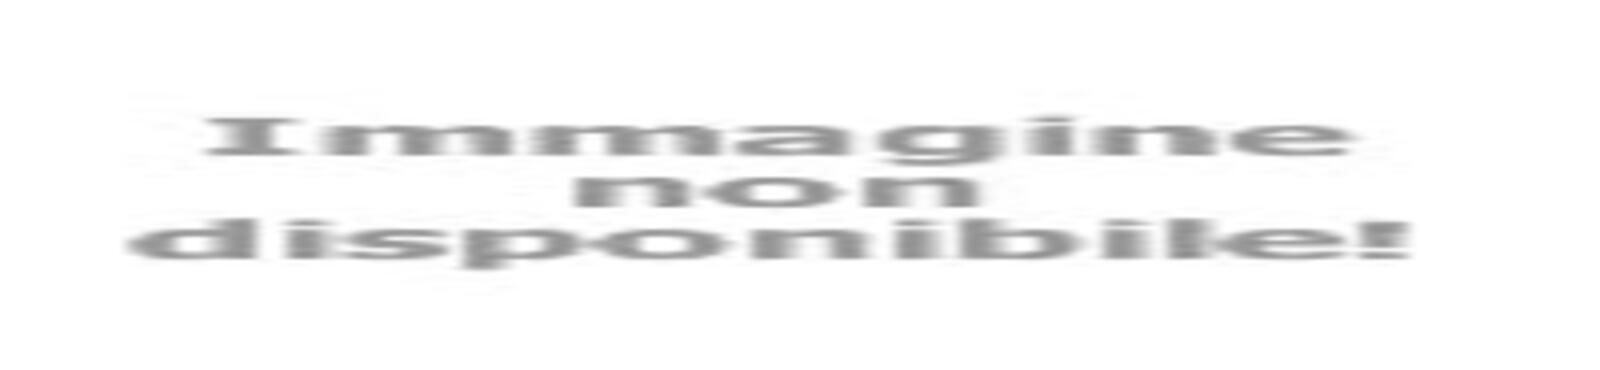 petronianaviaggi it con-la-e-bike-alla-scoperta-di-eremi-e-vedute-della-collina-bolognese-v295 002